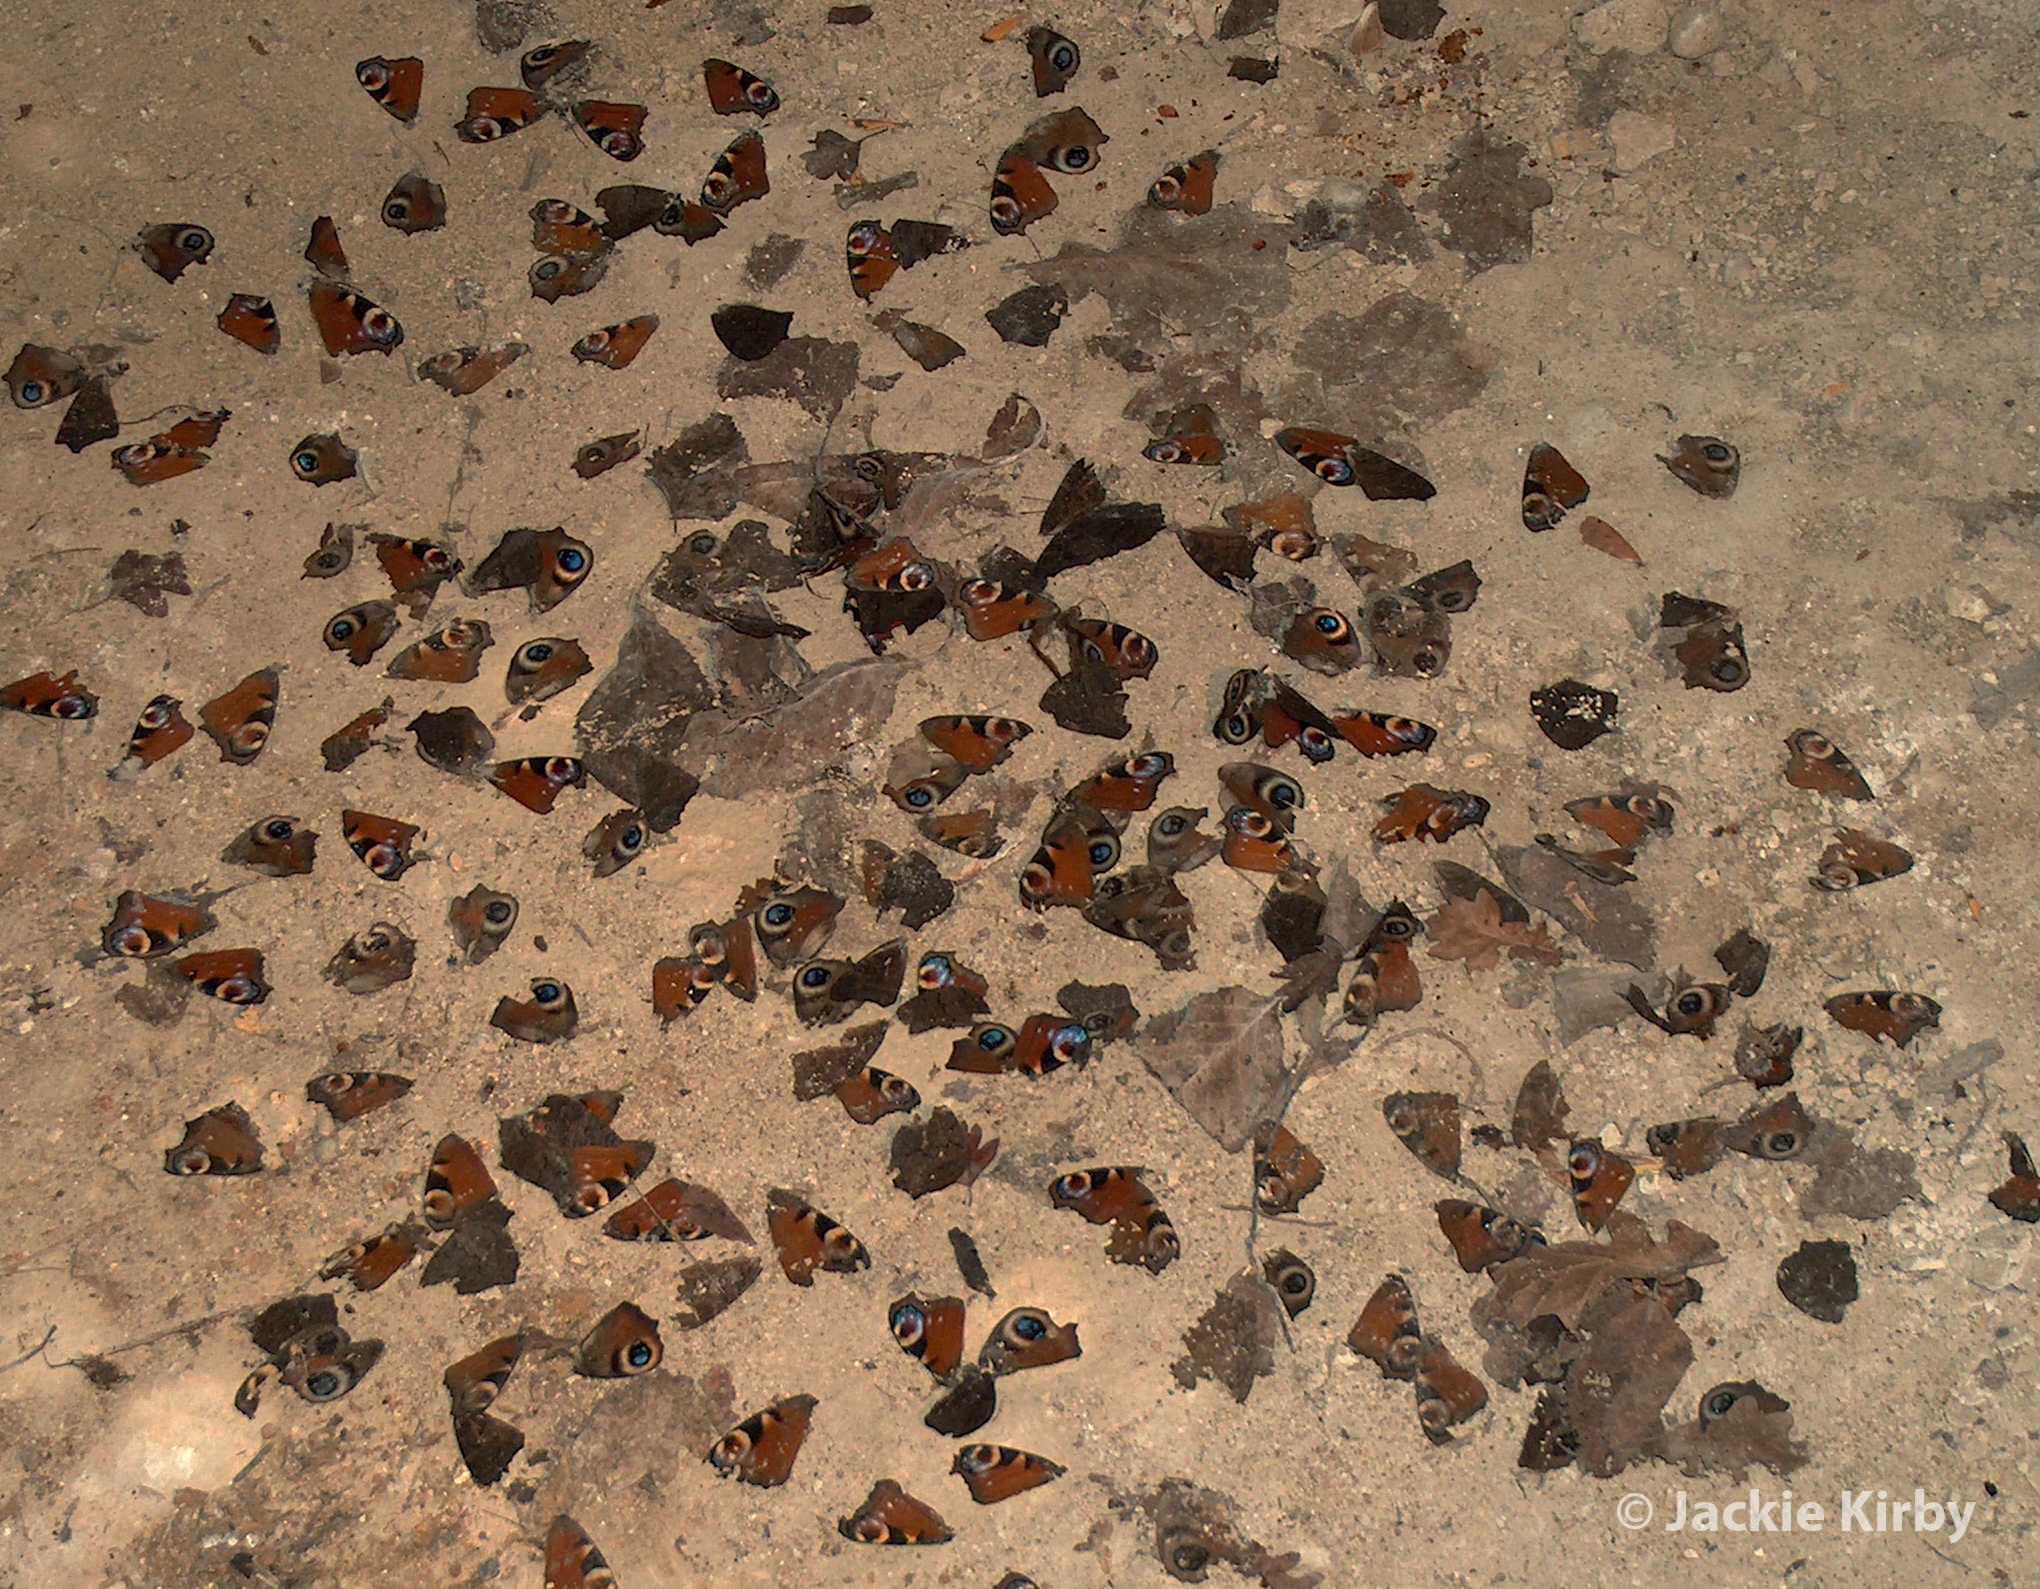 Peacock Butterfly Wings Following Bat Damage in Hibernation Site